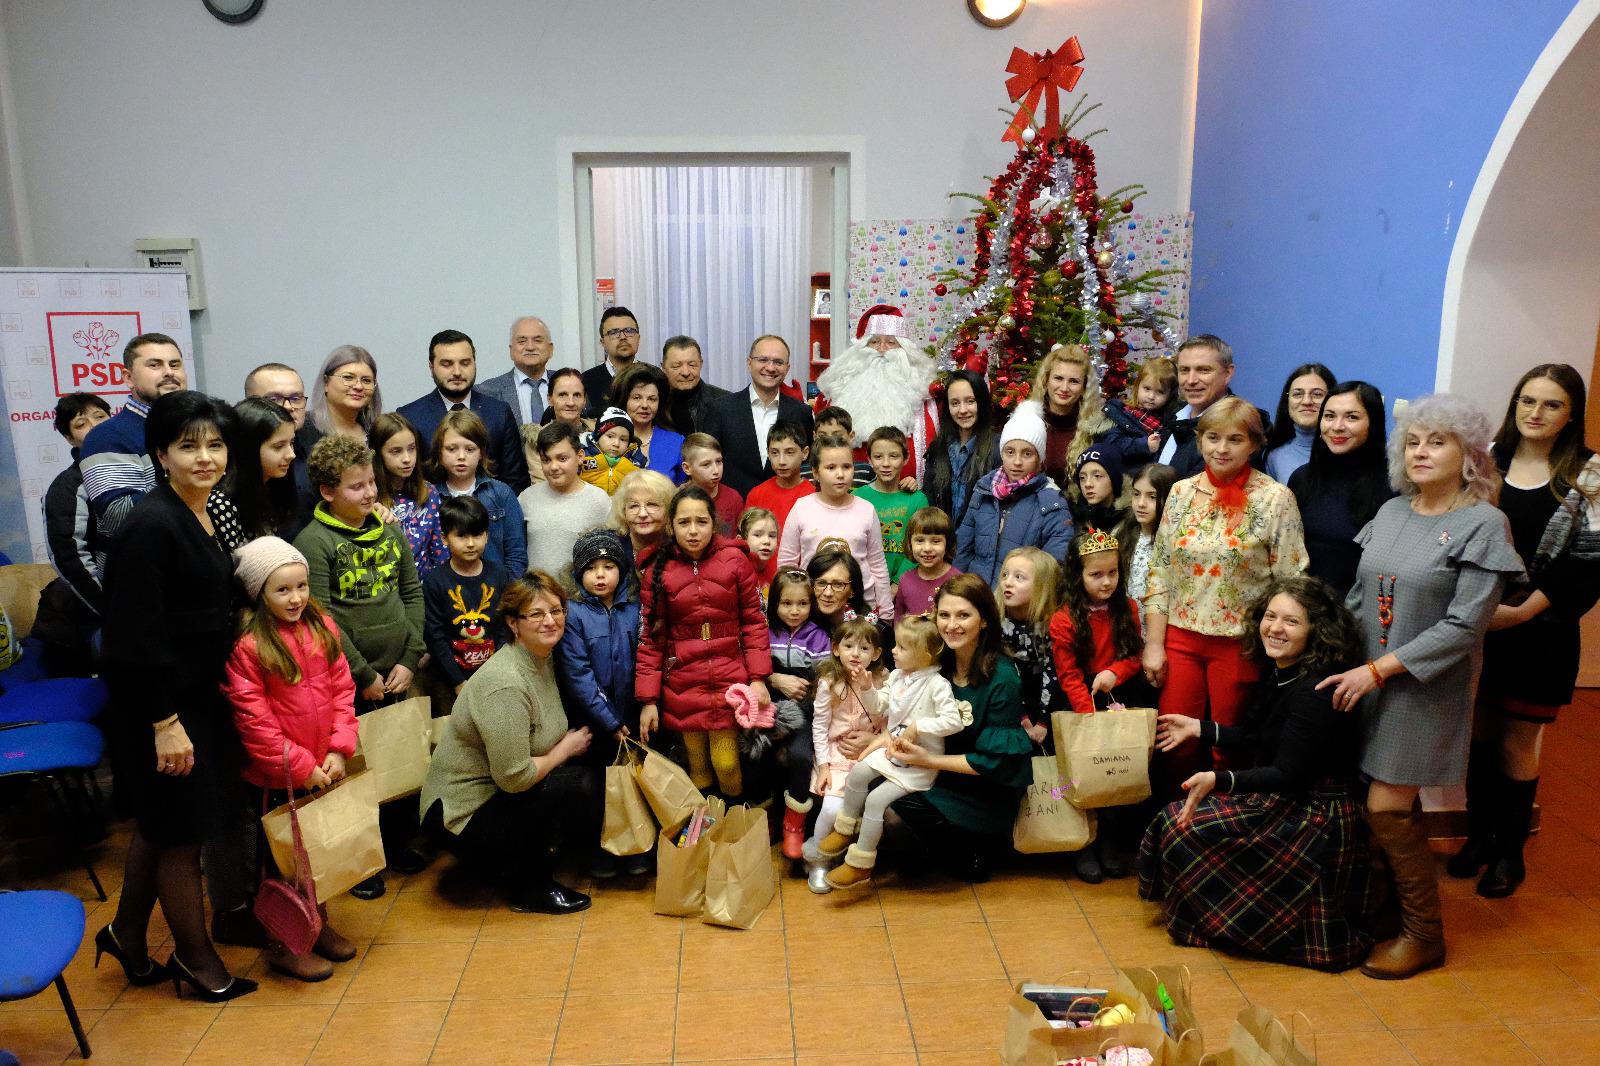 Moș Crăciun a oferit cadouri la sediul PSD Botoșani